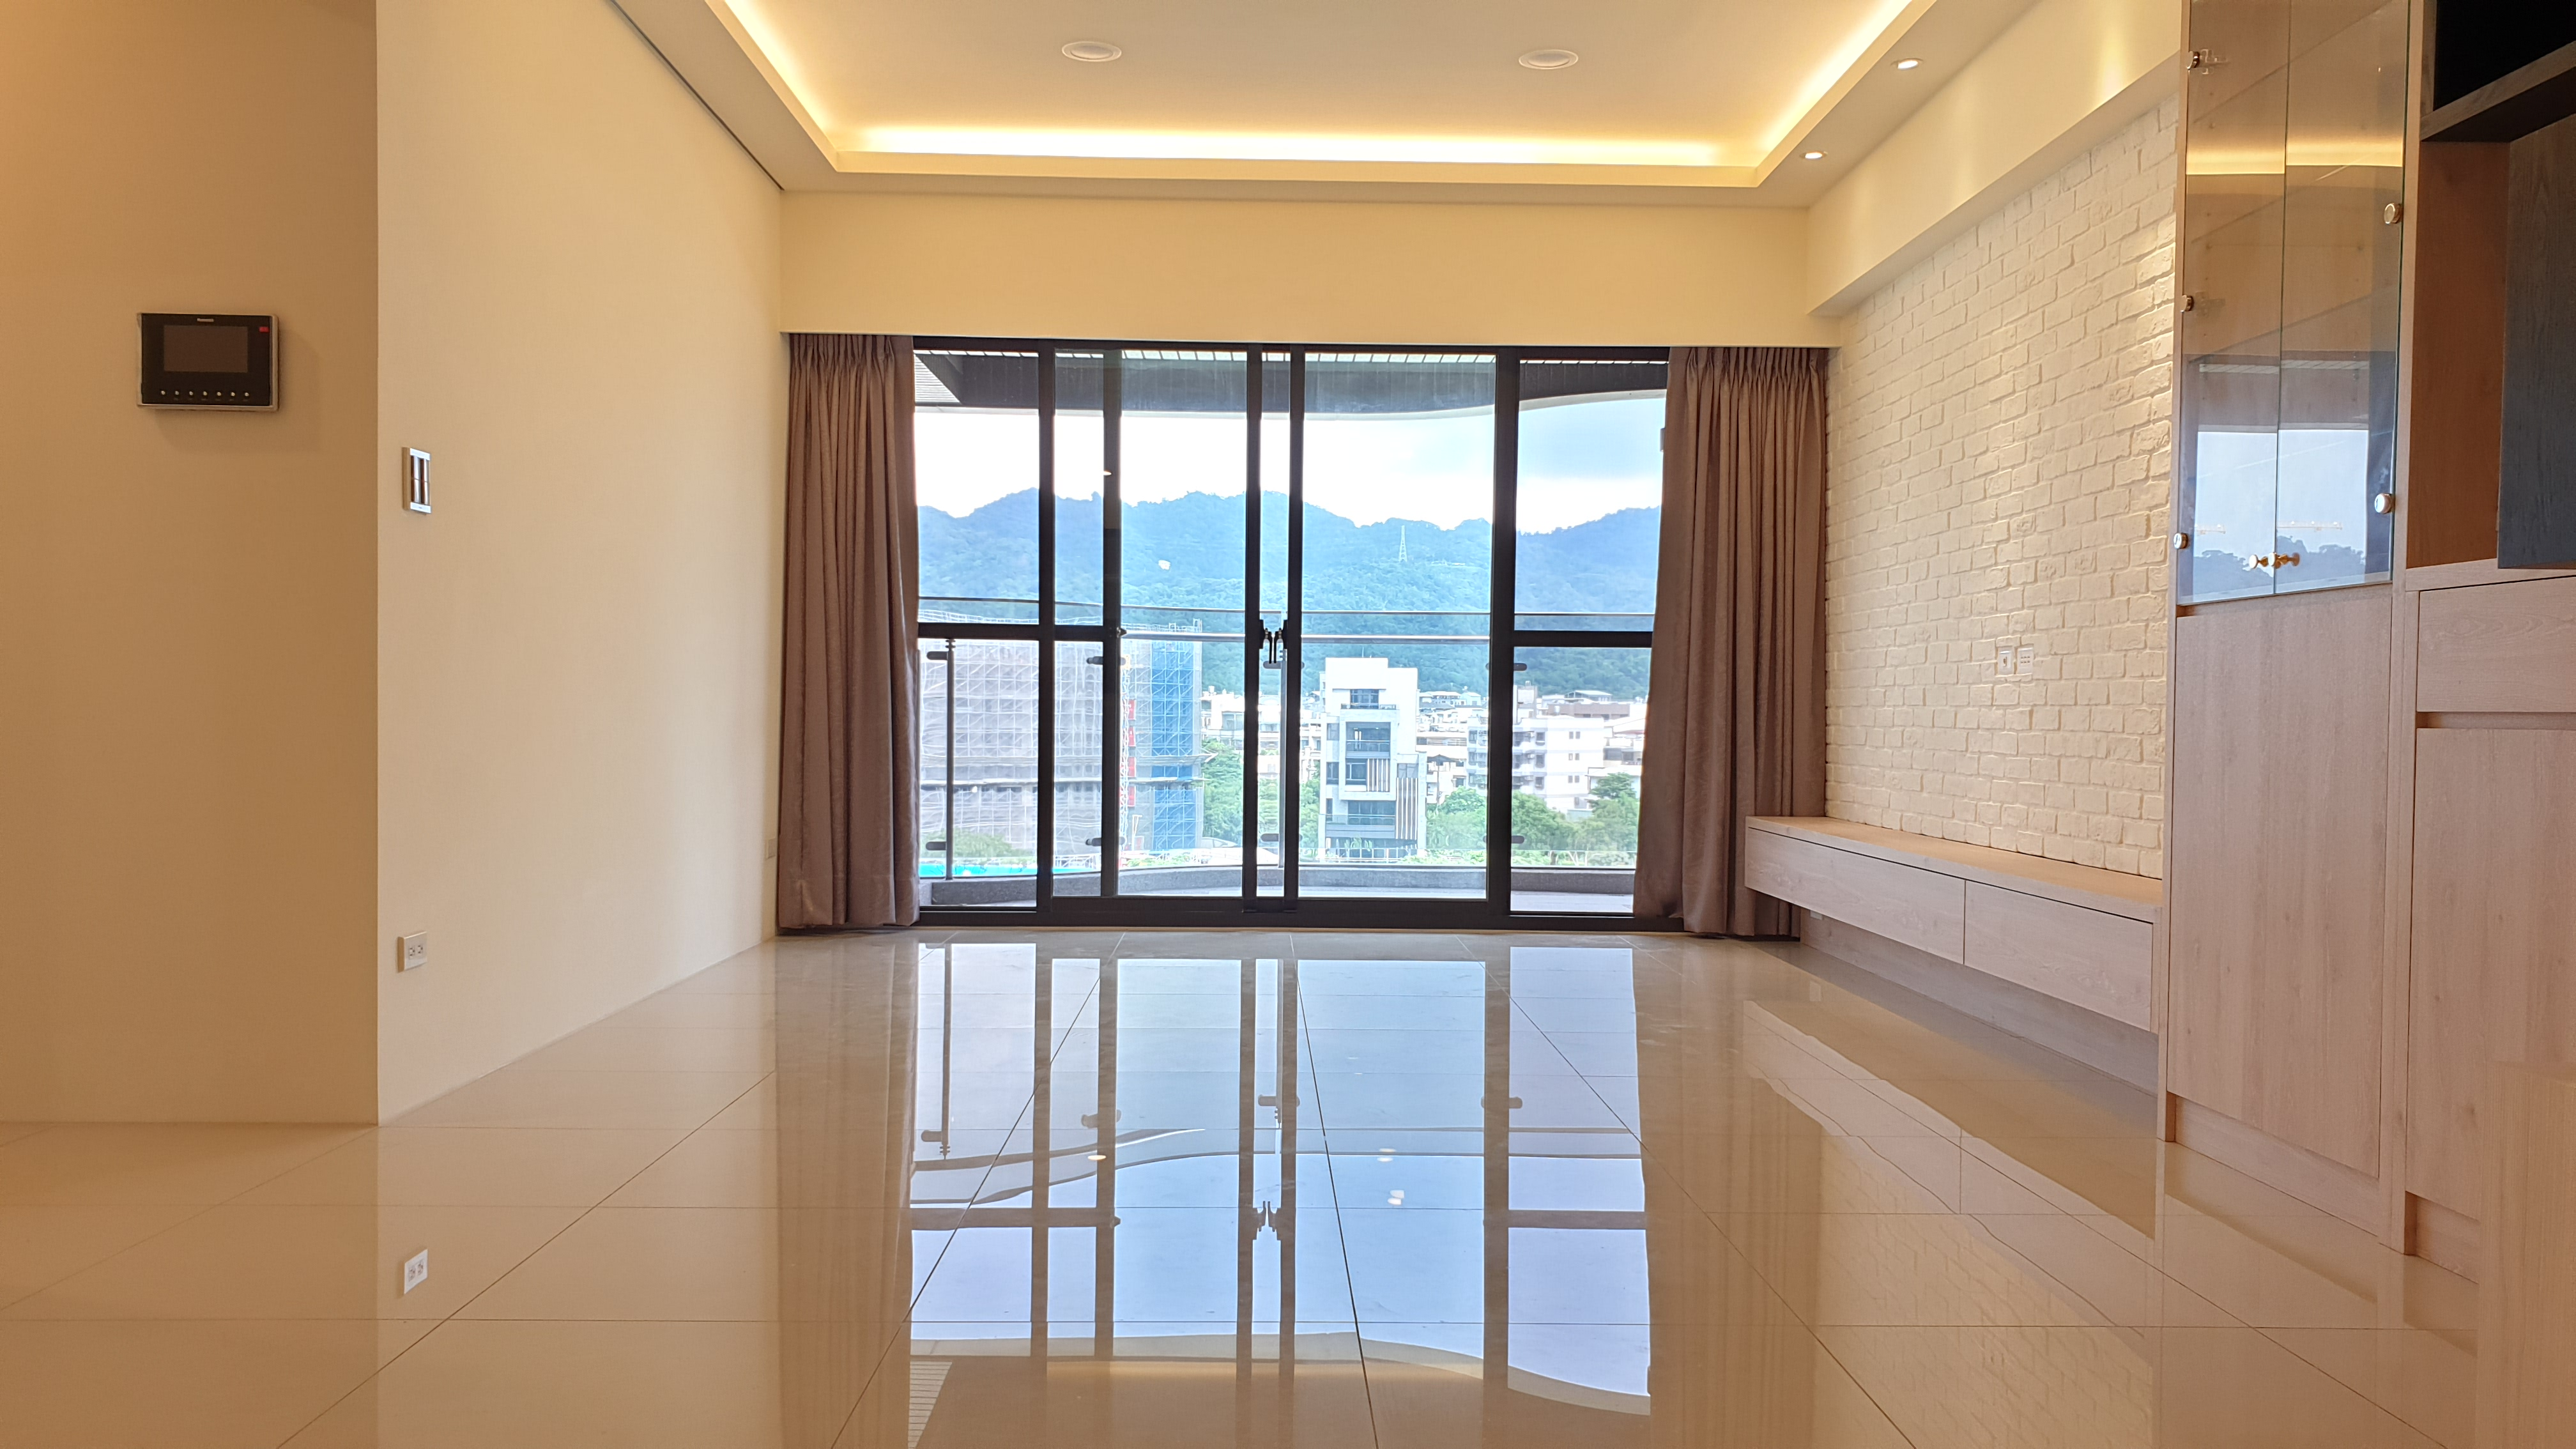 台中北屯 東方悅4房+平面車位 環境優,生活機能便利